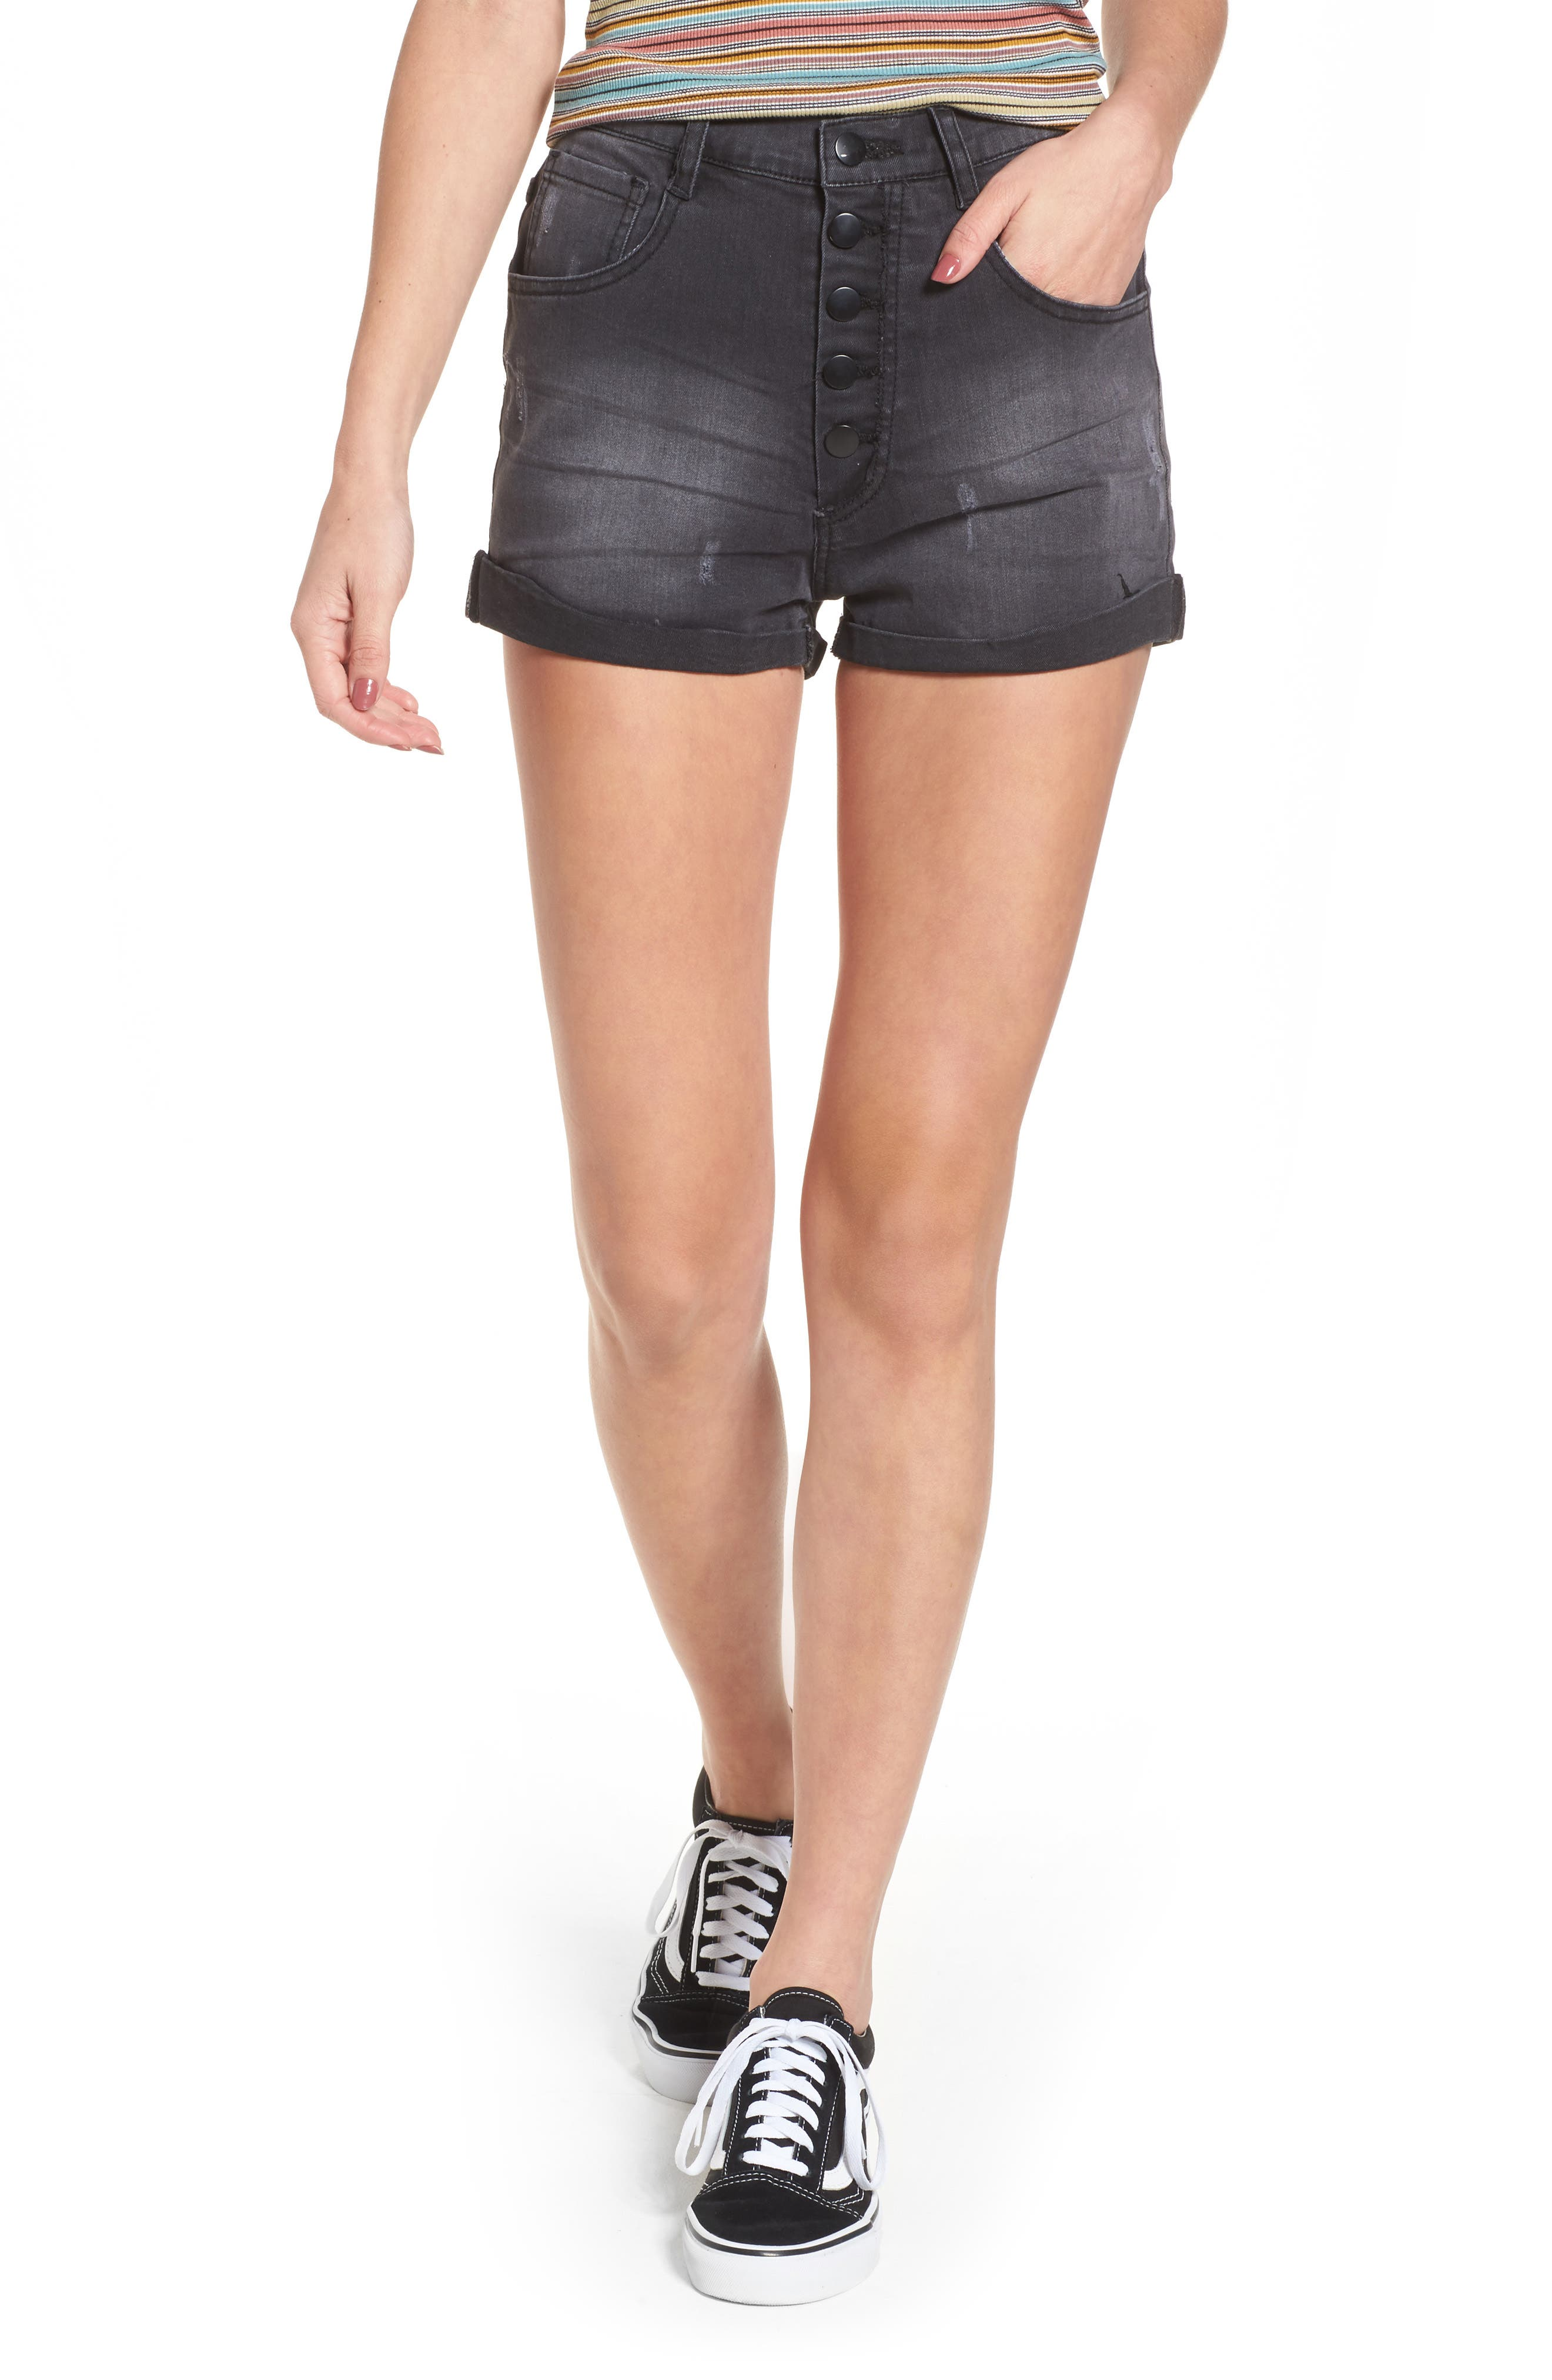 Rachel High Waisted Denim Shorts,                         Main,                         color, 001